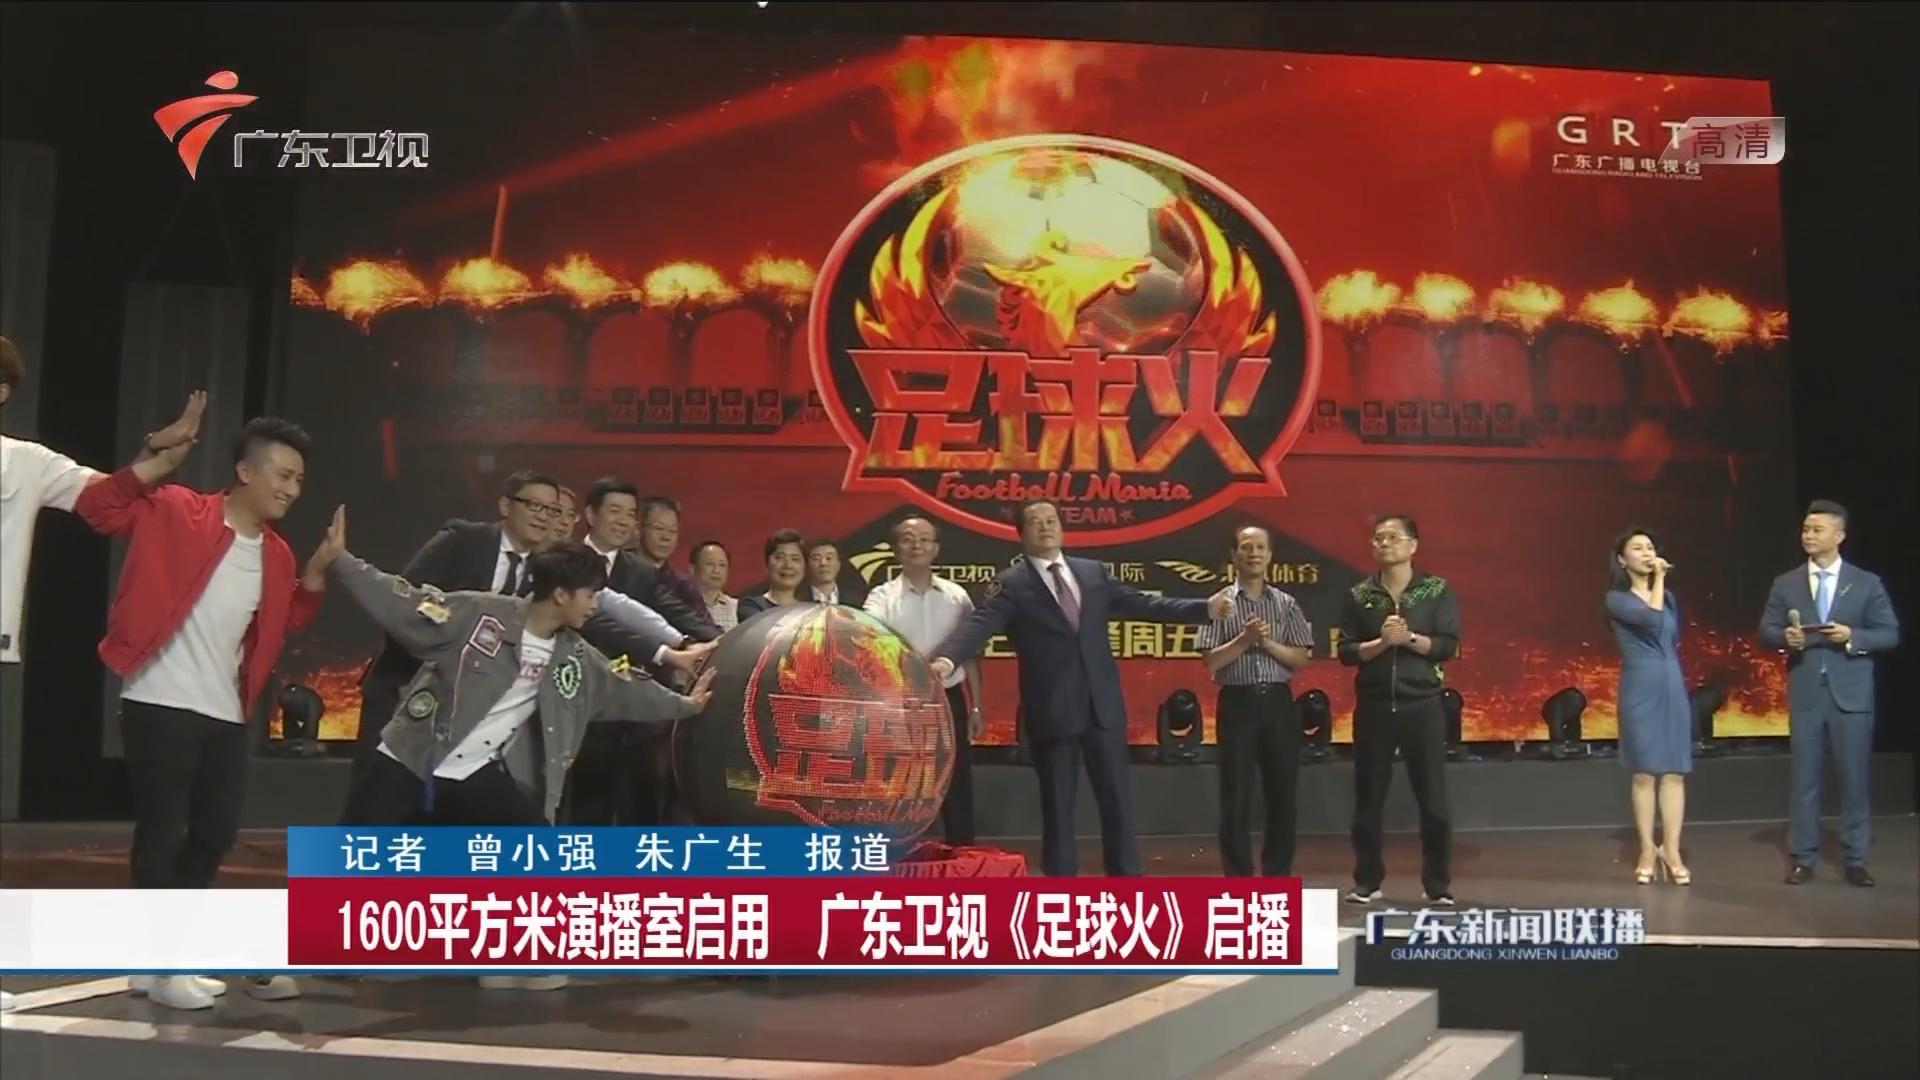 1600平方米演播室启用 广东卫视《足球火》启播